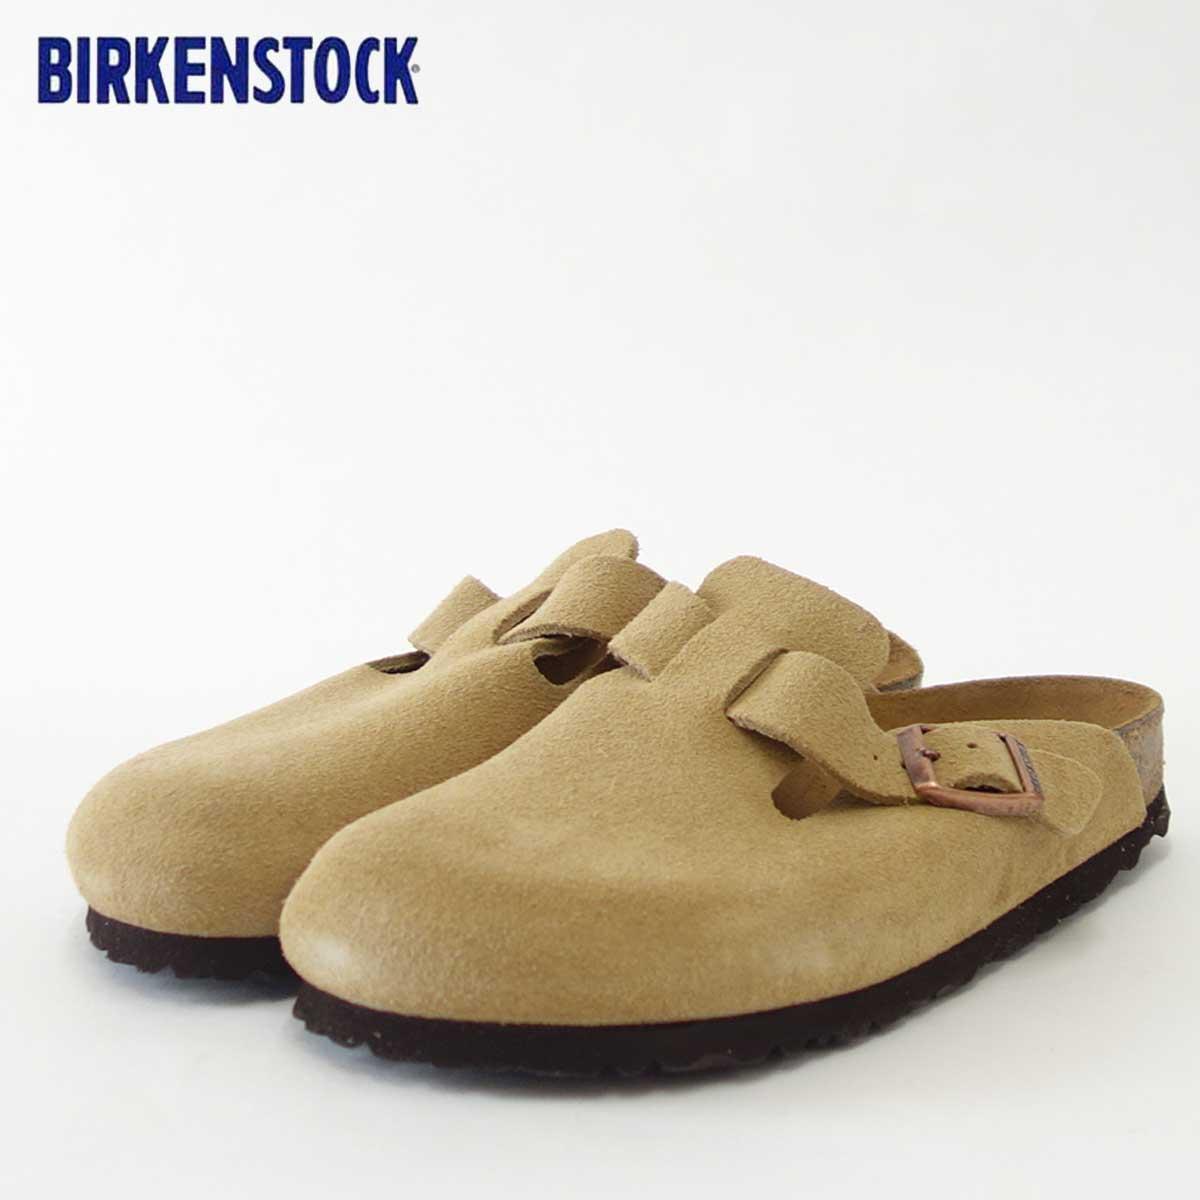 BIRKENSTOCK(ビルケンシュトック)Boston(ボストン)幅狭(ナローフィット)GC 1008073(スエードレザー/サンド)ドイツ生まれの快適フットベッド(正規輸入品)「靴」